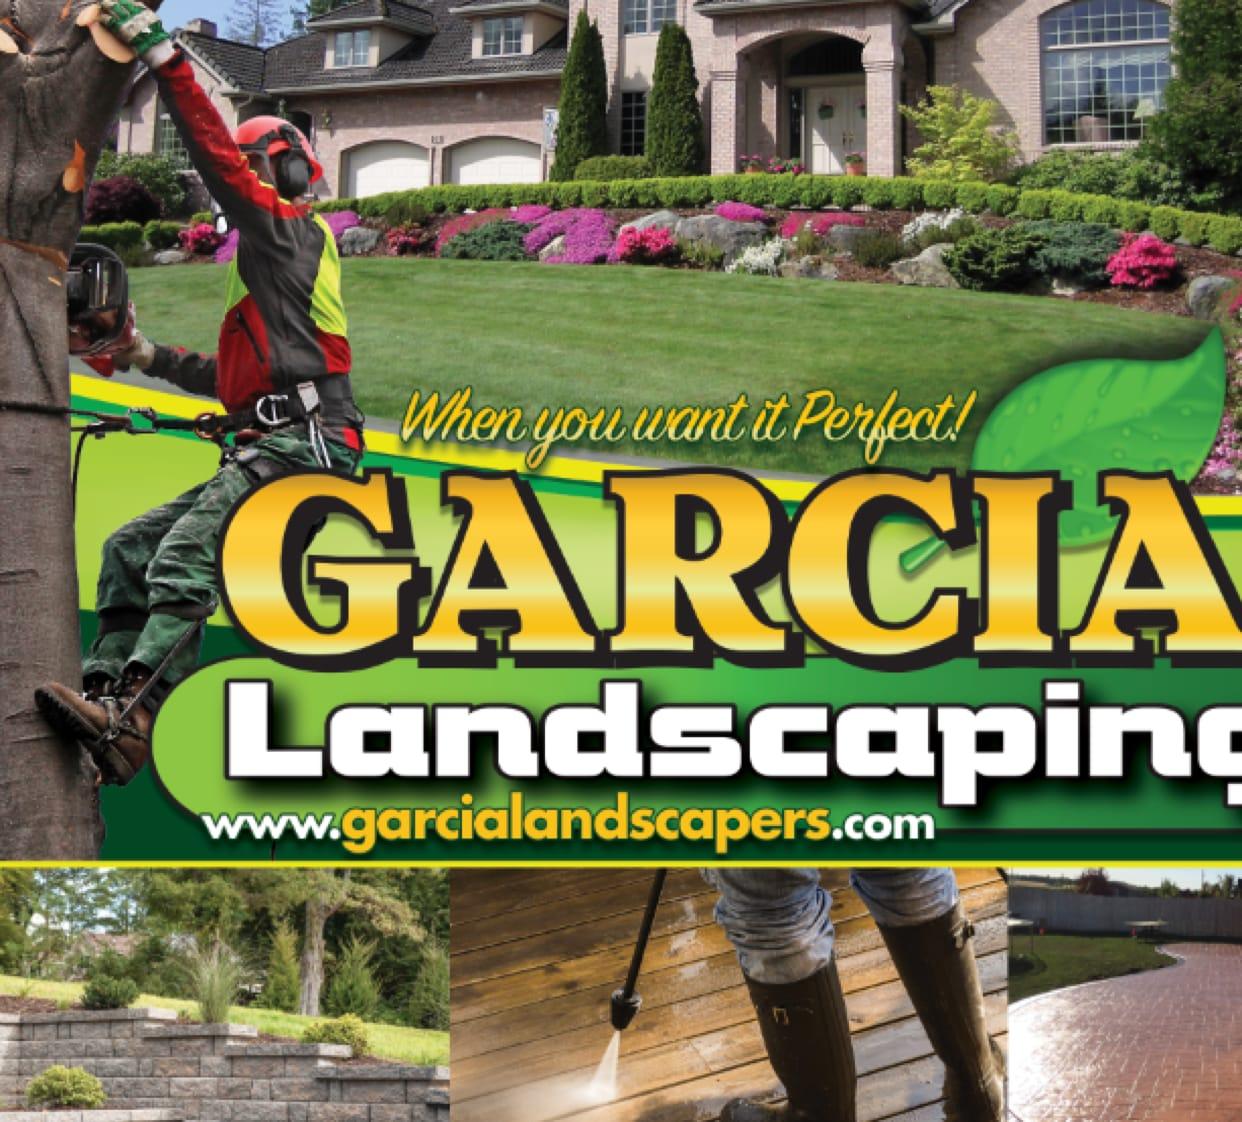 Garcia Landscaping